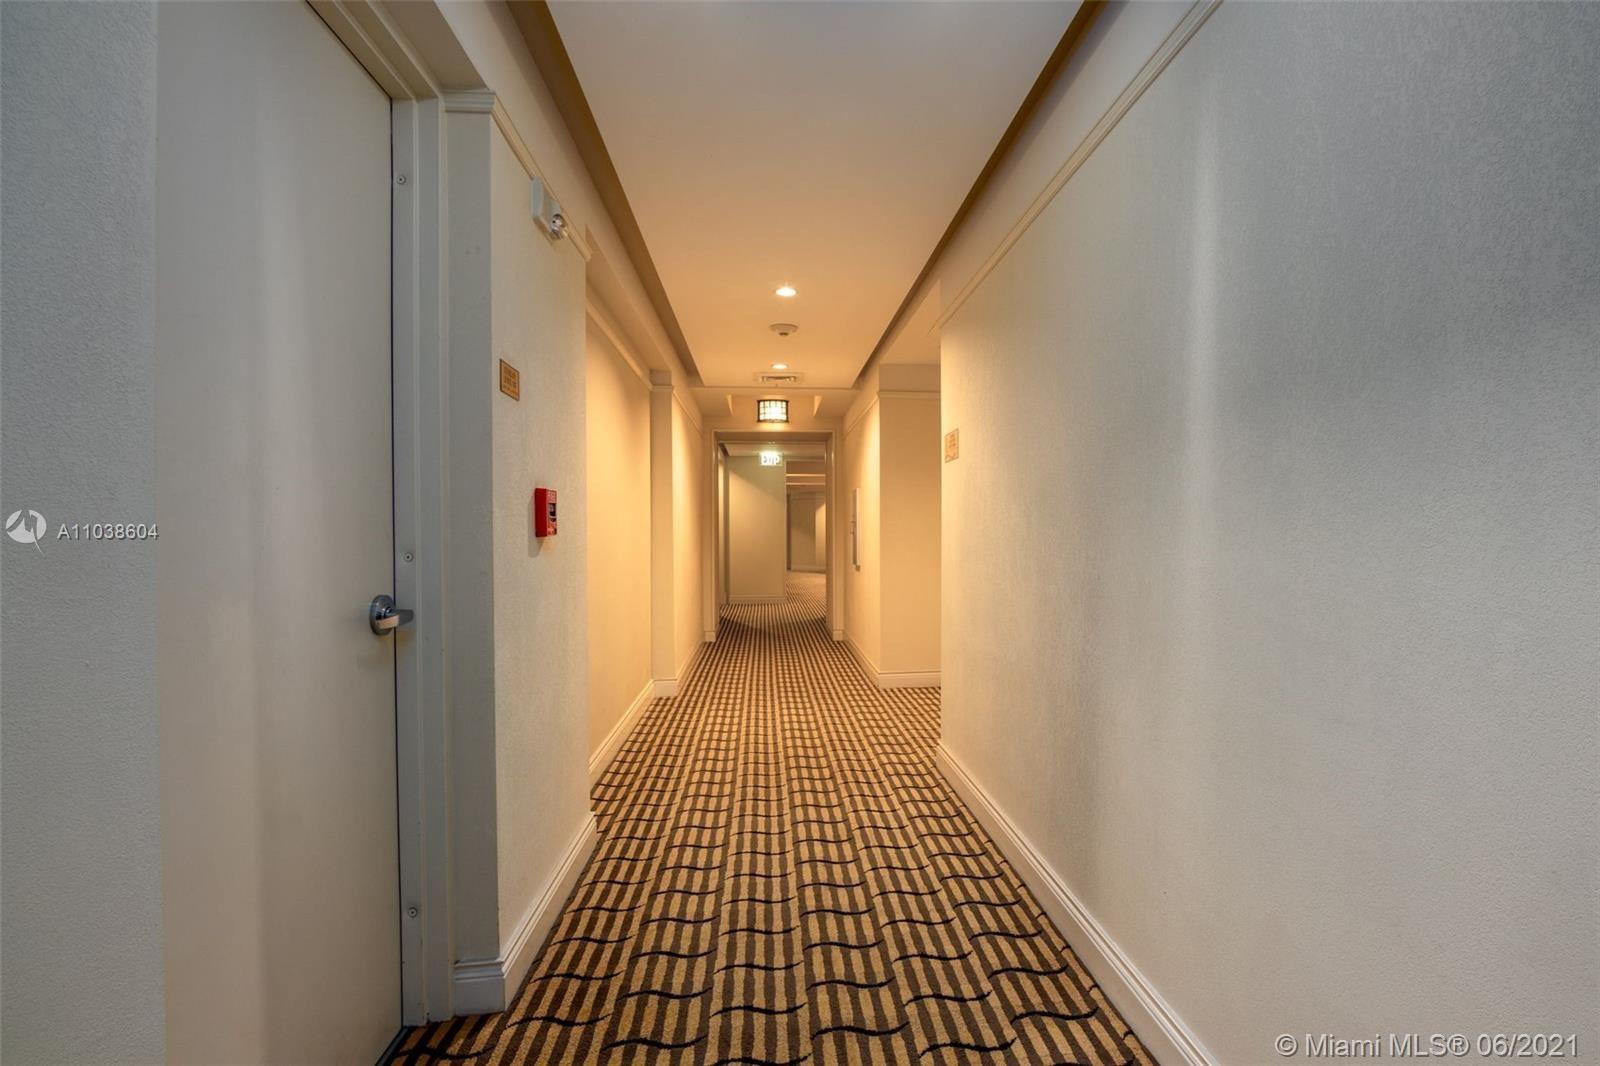 Photo of 801 Brickell Key Blvd #907, Miami, FL 33131 (MLS # A11038604)